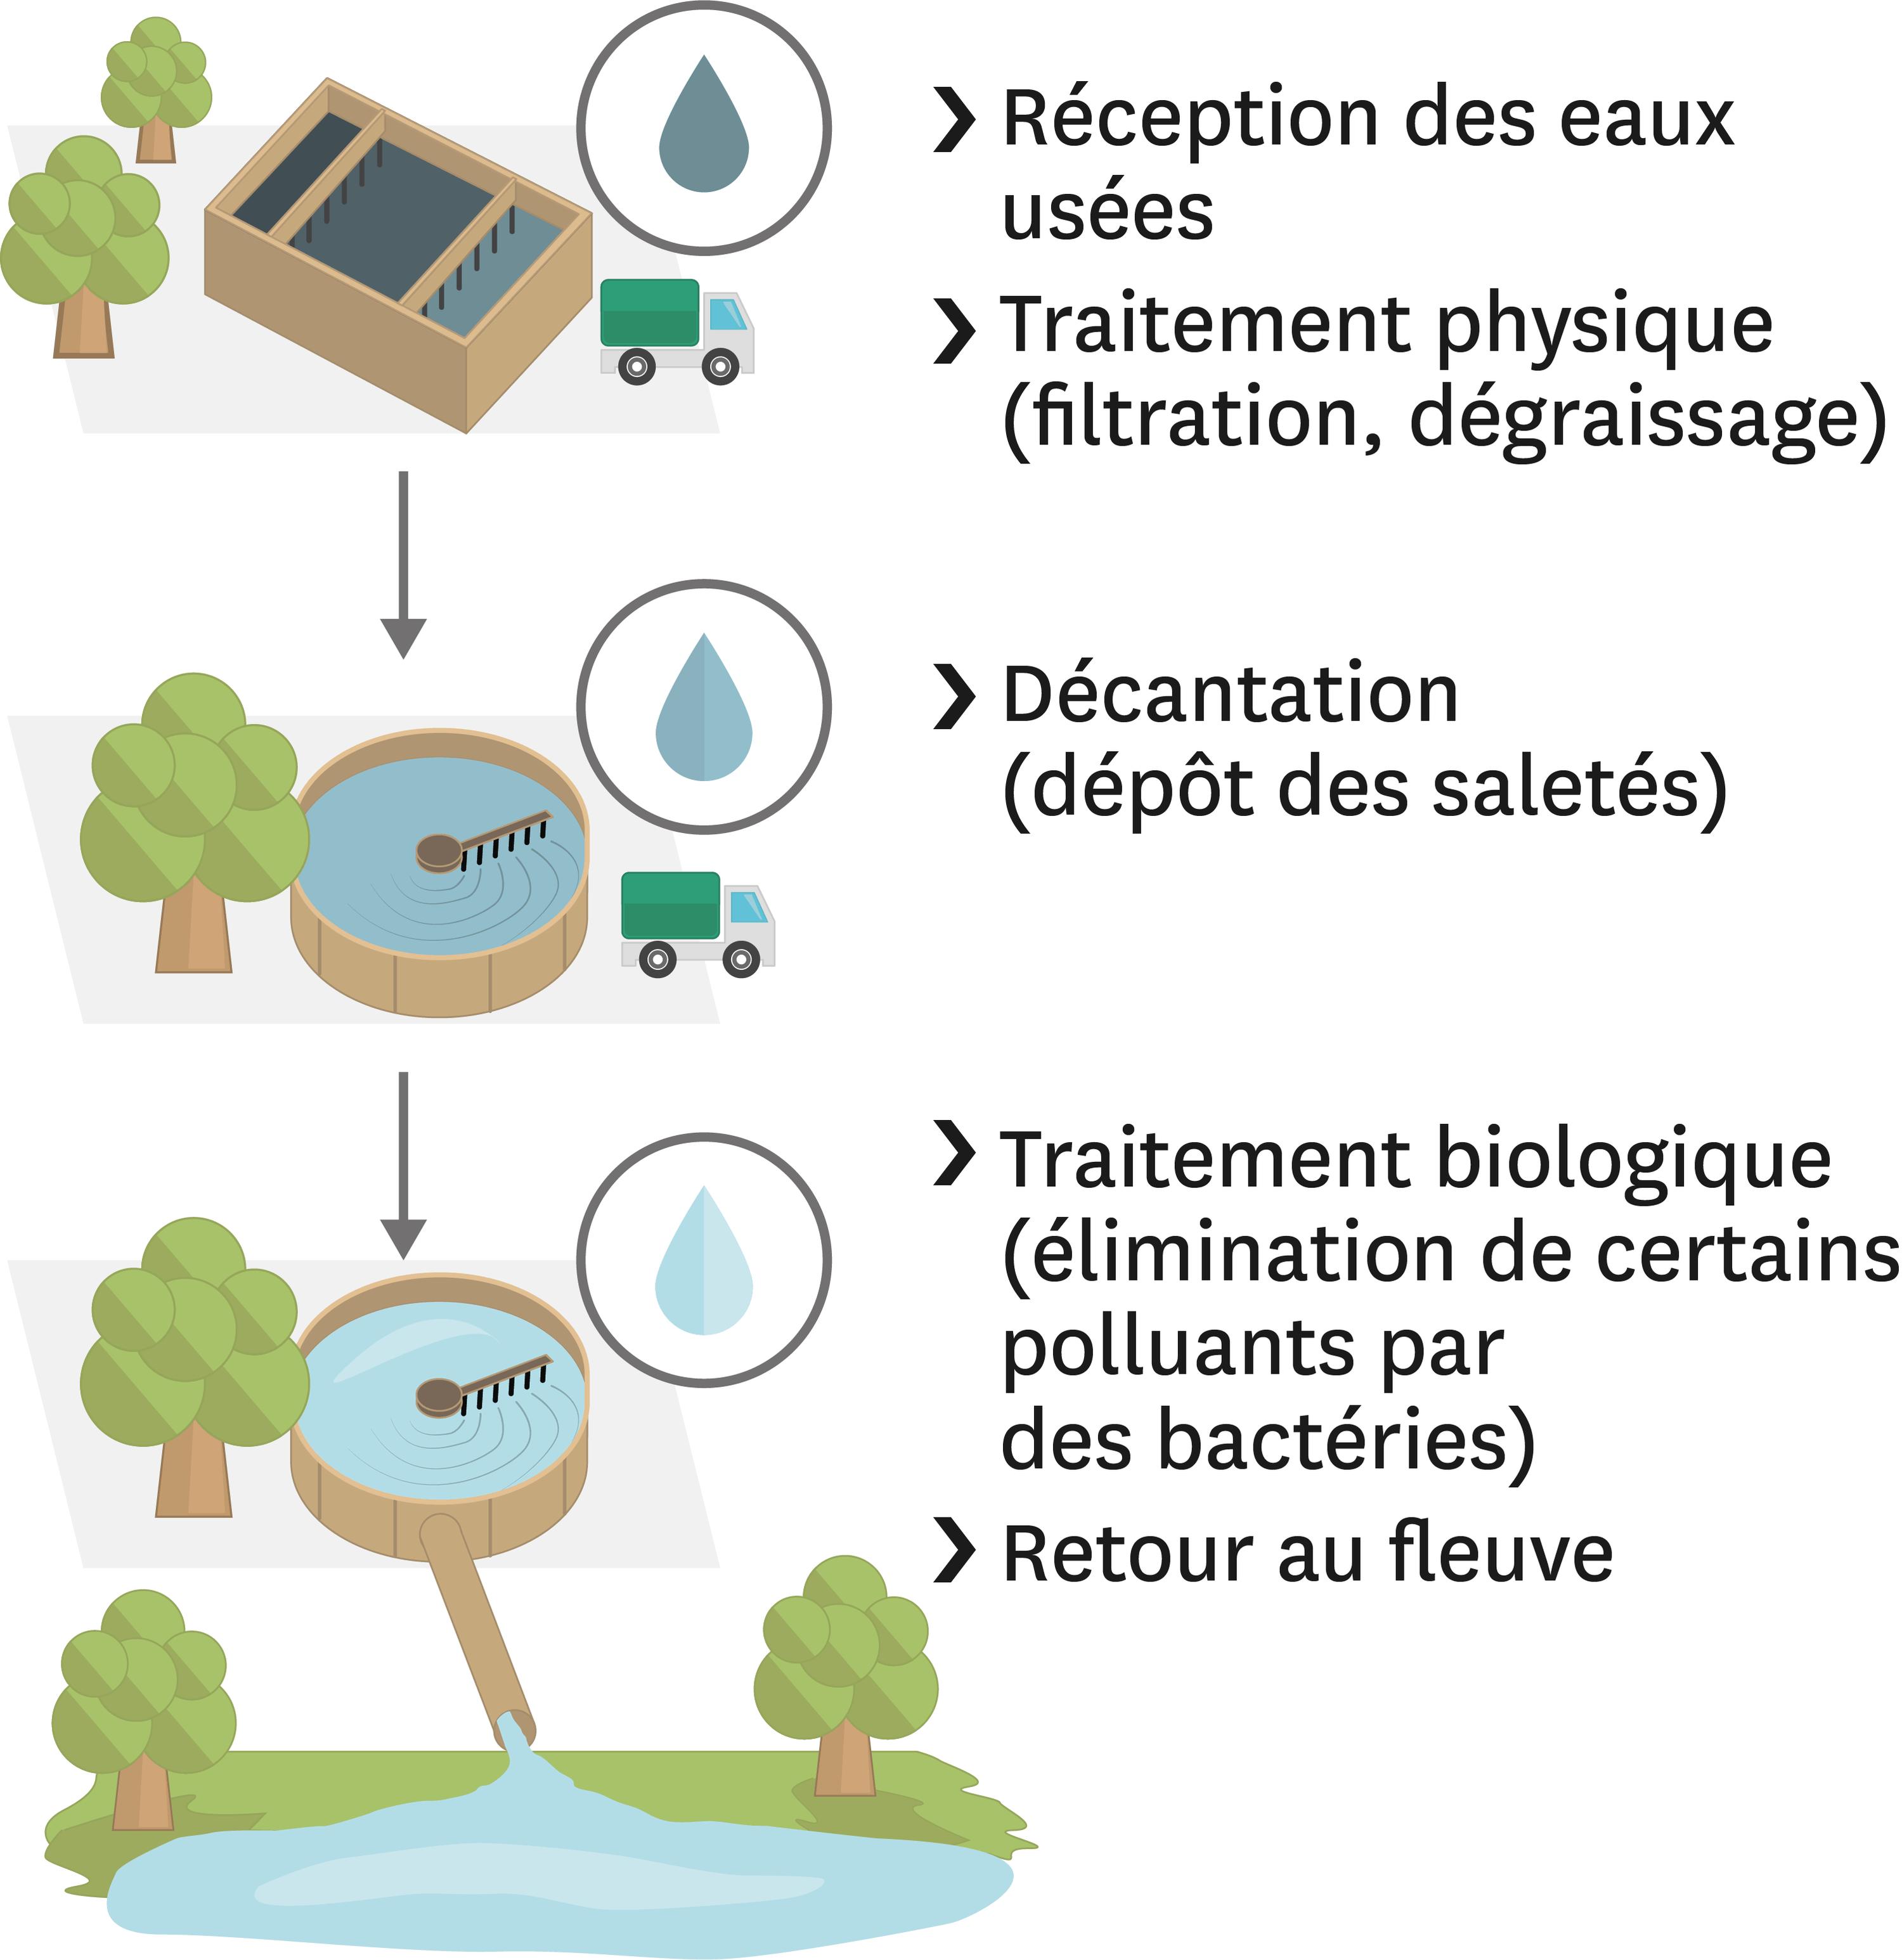 <stamp theme='svt-green1'>Doc. 7</stamp> Le traitement des eaux polluées dans une station d'épuration.